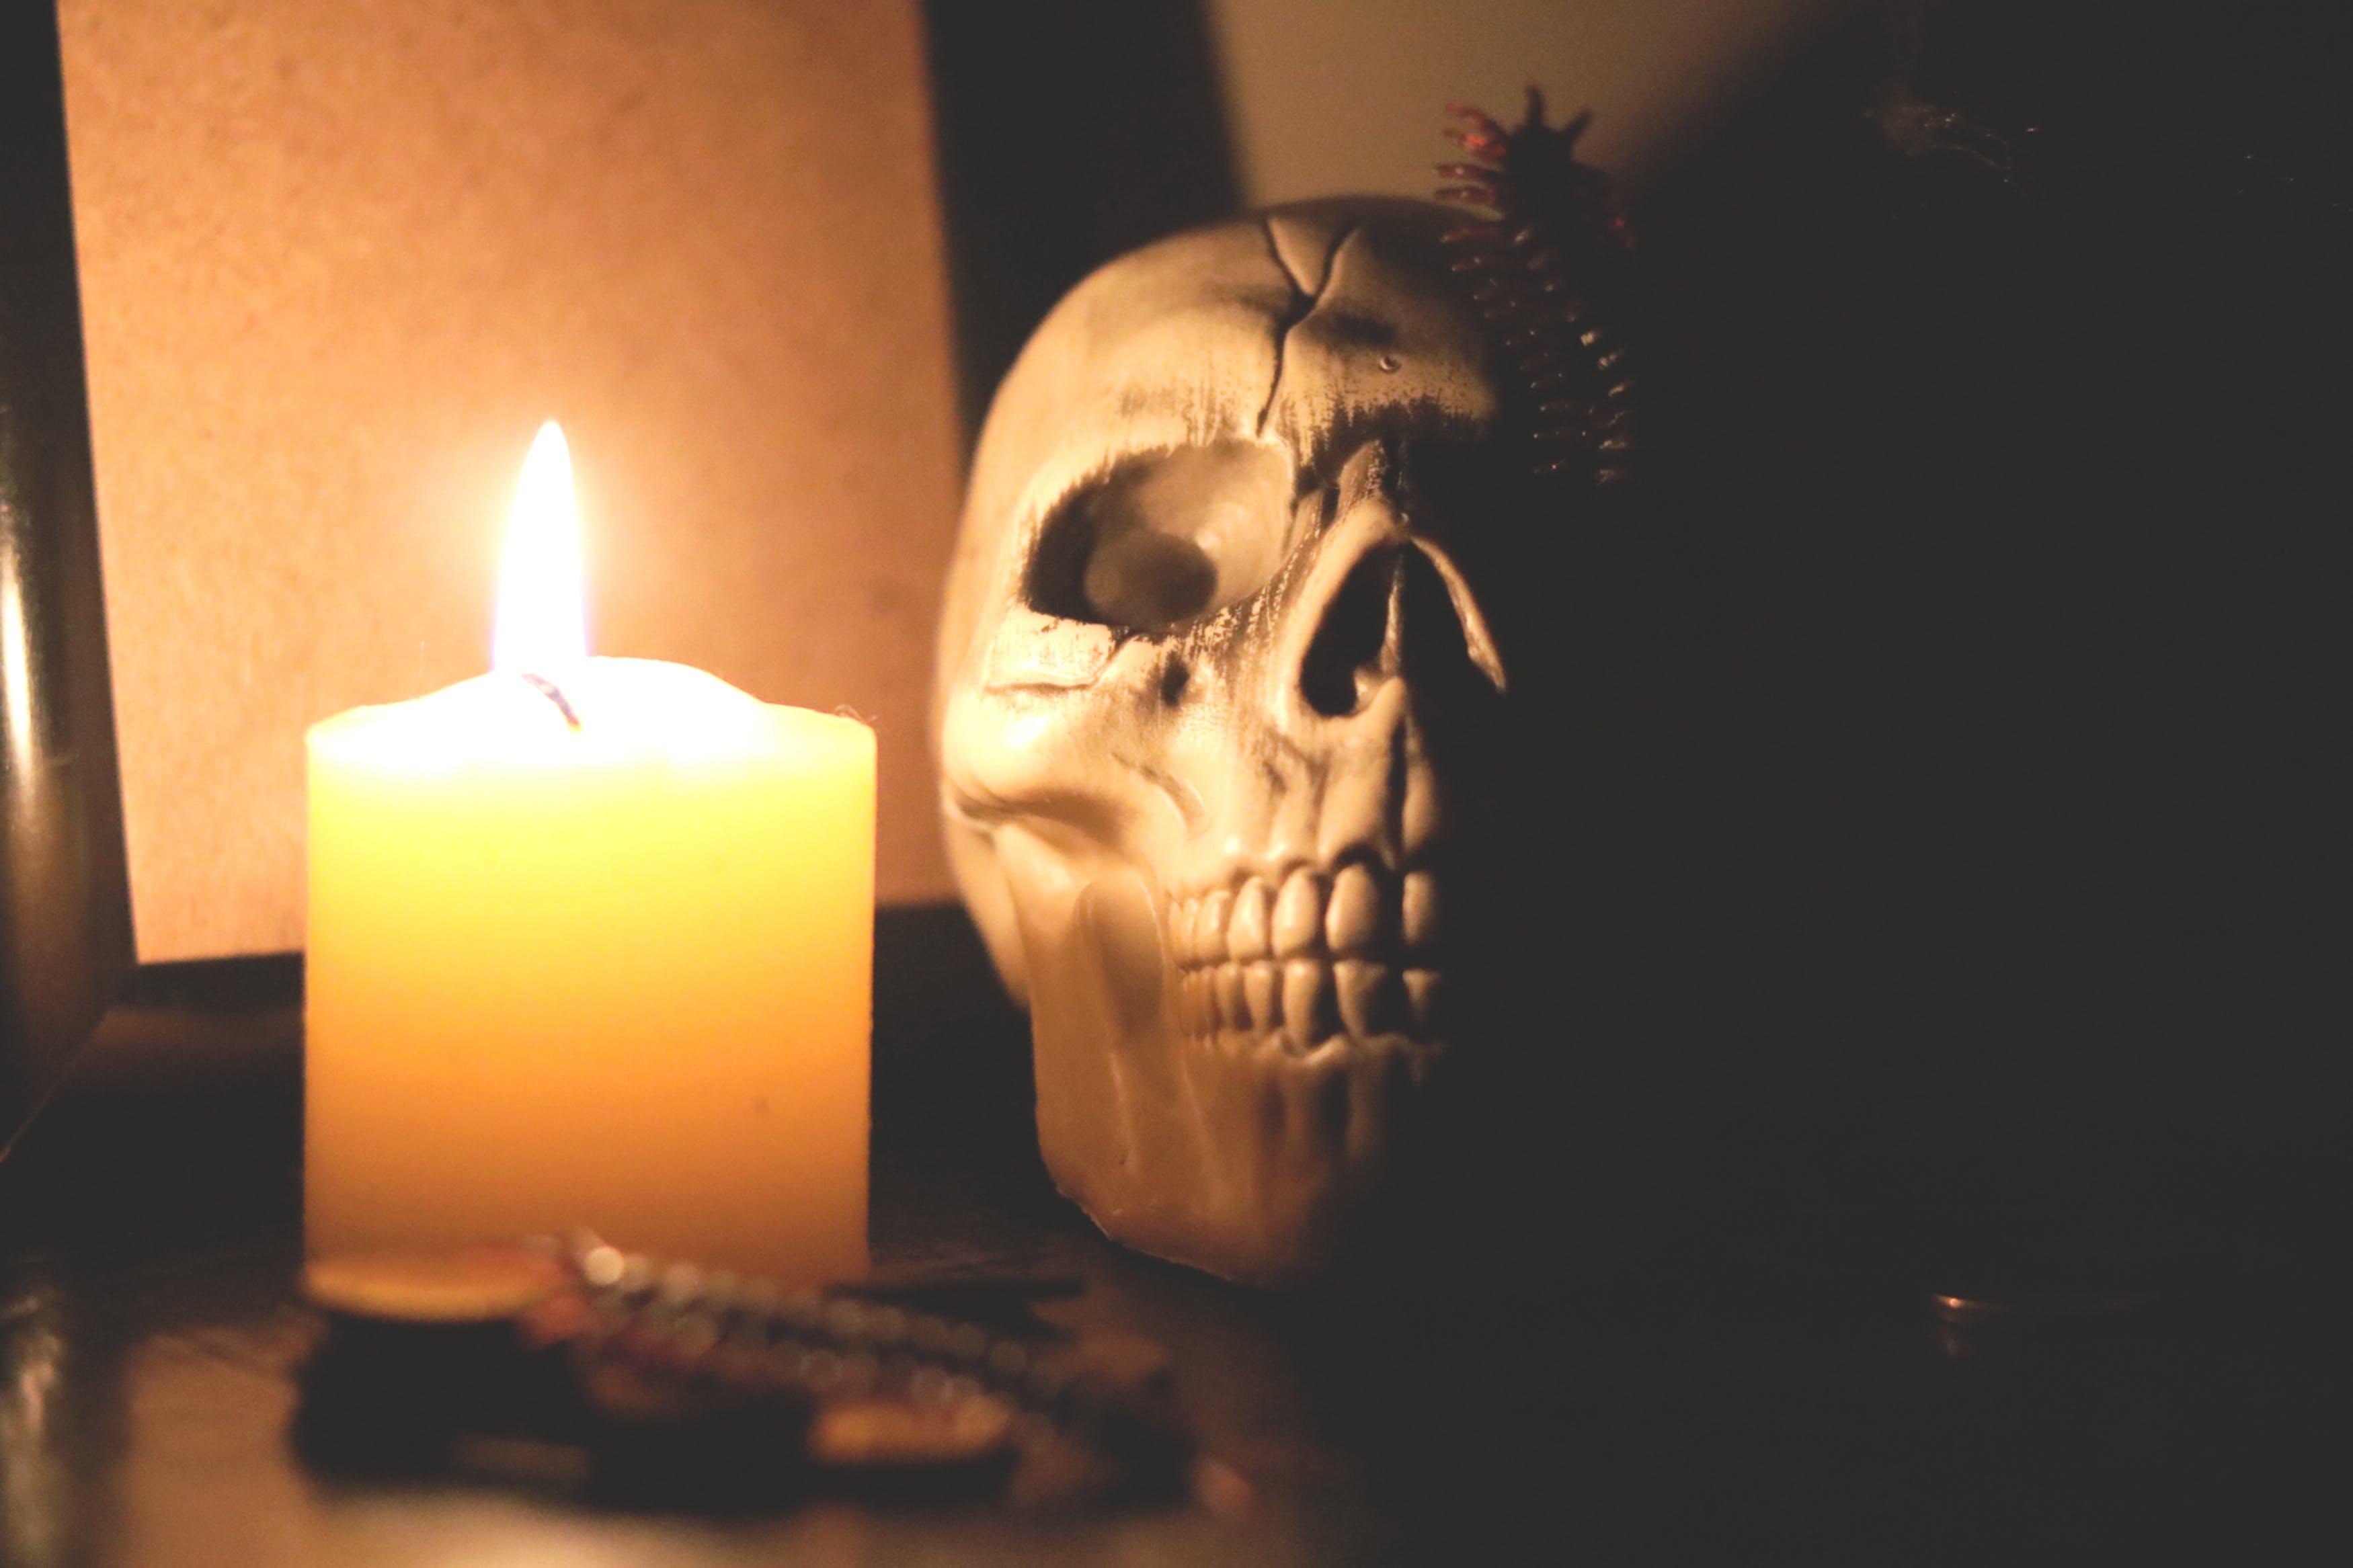 Kostenloses Stock Foto zu halloween, halloween party, horror, kerzenlicht